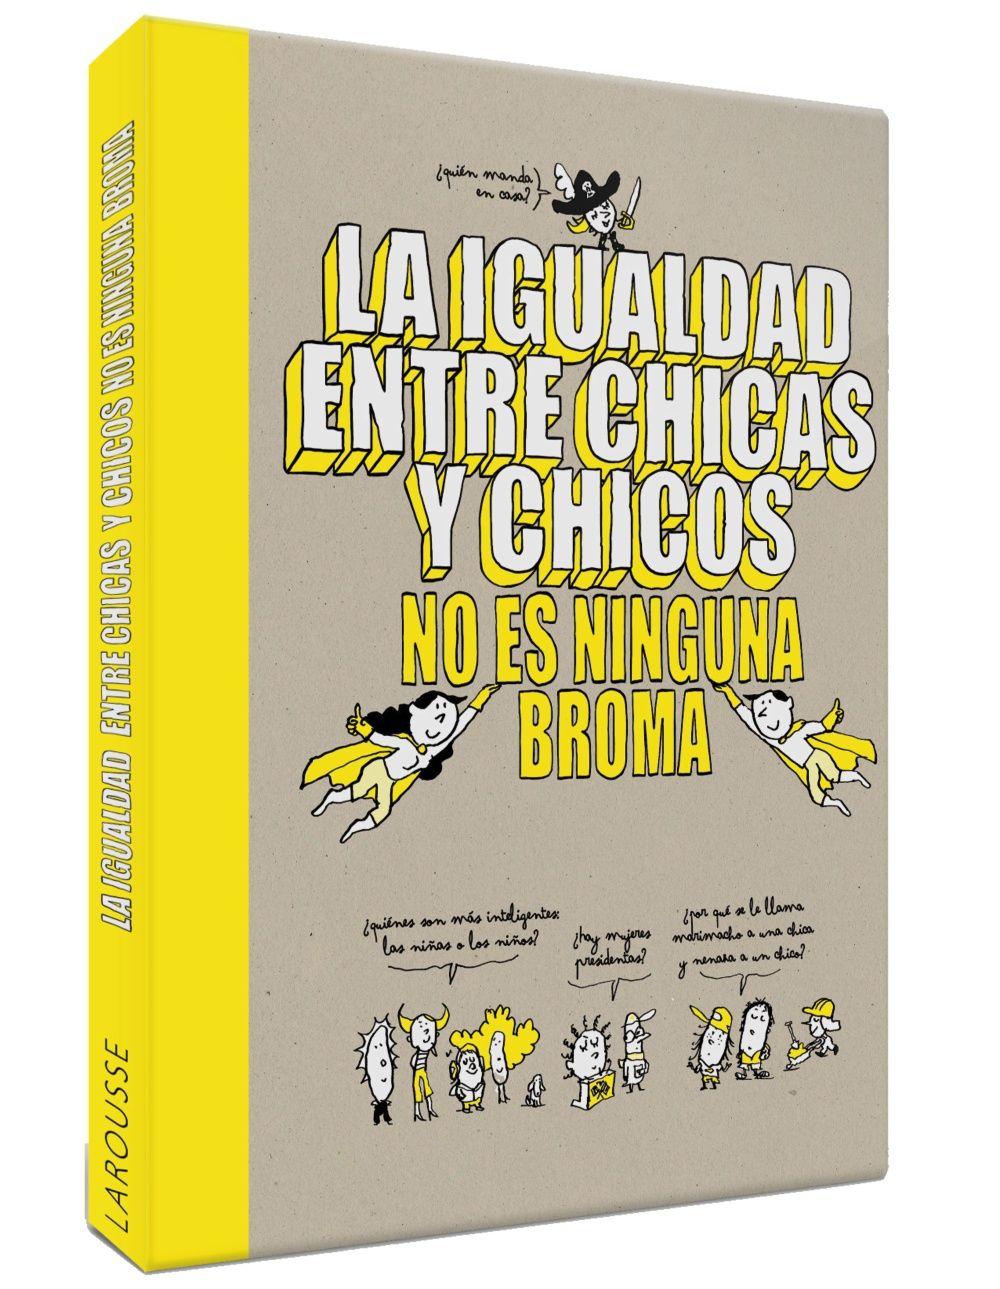 IGUALDAD ENTRE CHICAS Y CHICOS NO ES NINGUNA BROMA